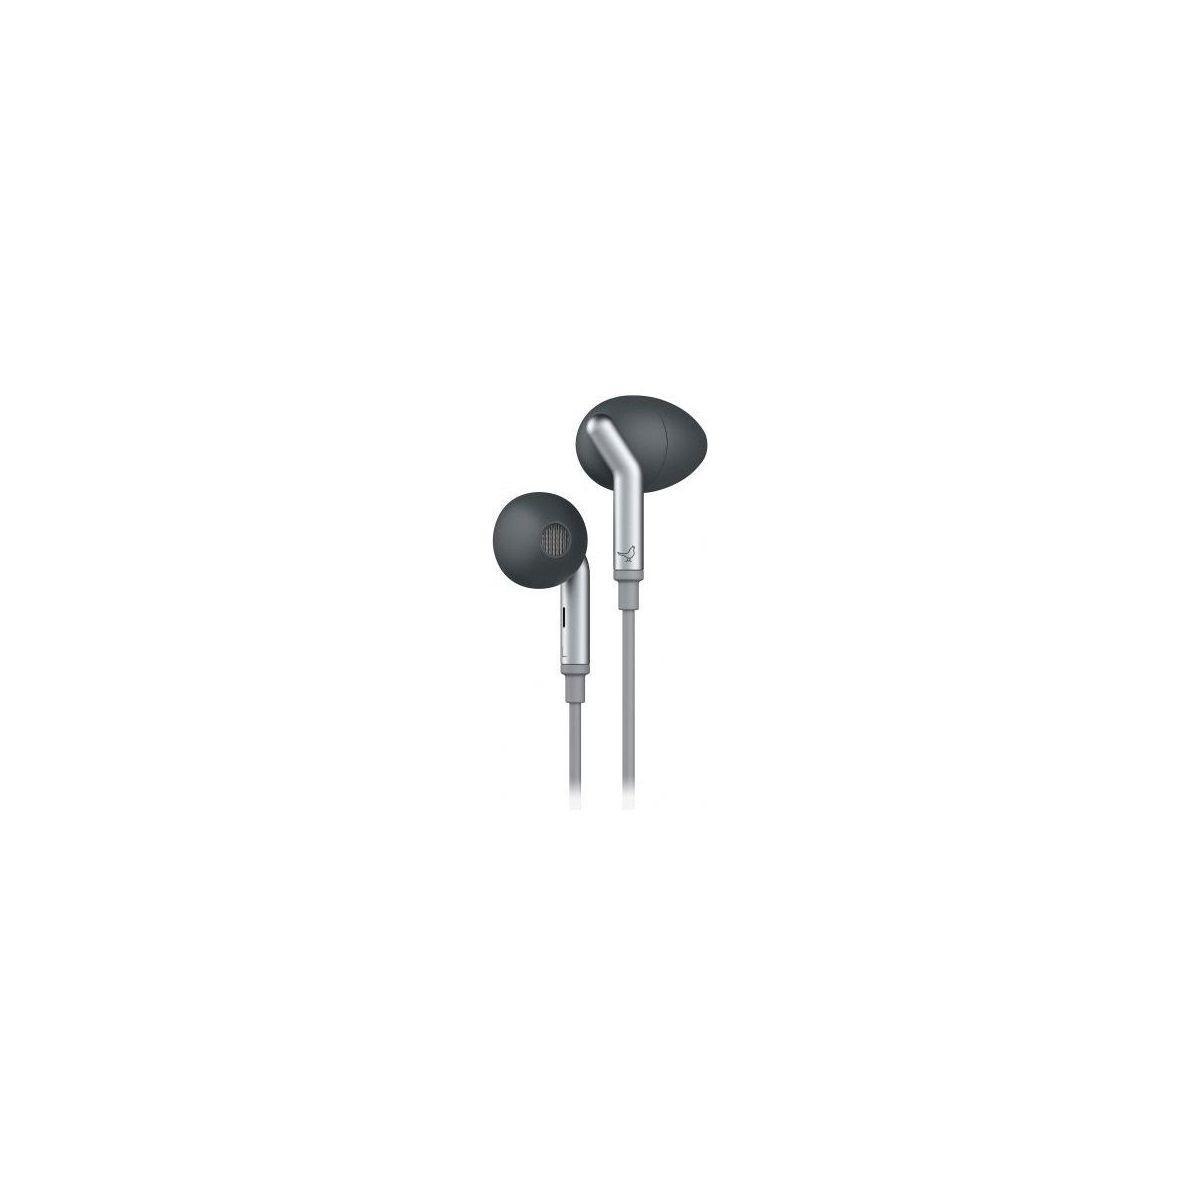 Ecouteurs libratone q adapt in-ear noir - livraison offerte : code livrelais